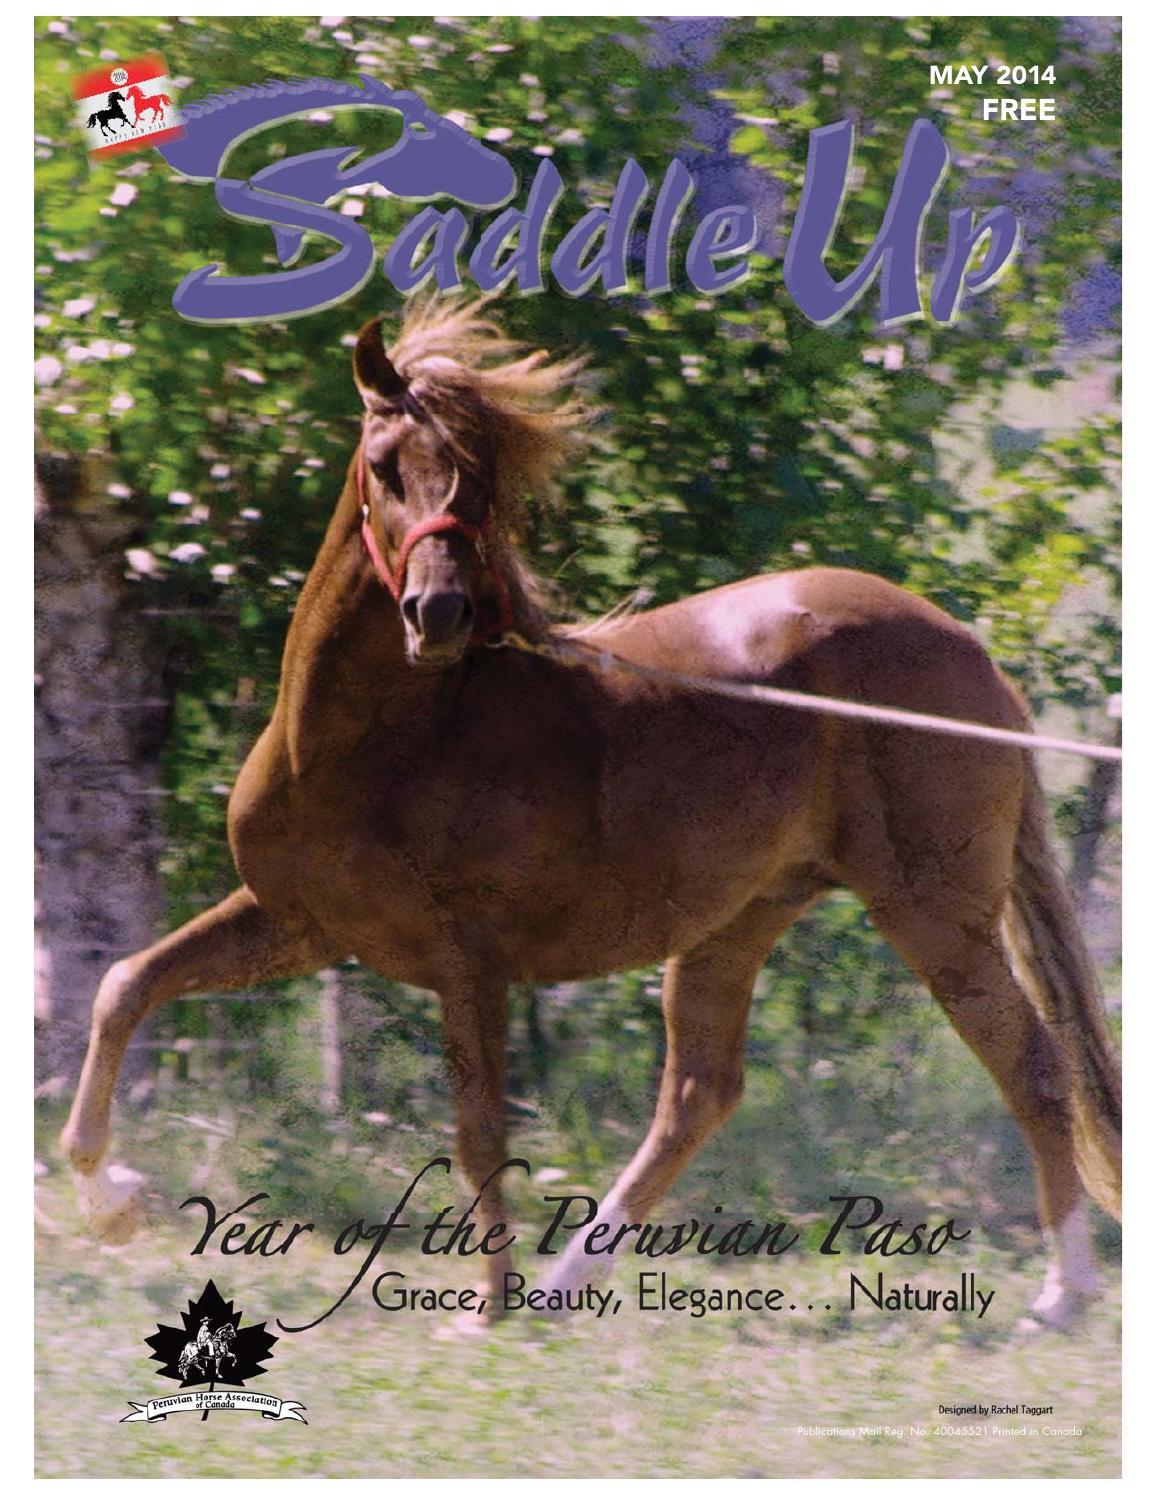 Saddle Up May 2014 by Saddle Up magazine - issuu 6fb7a8c27a